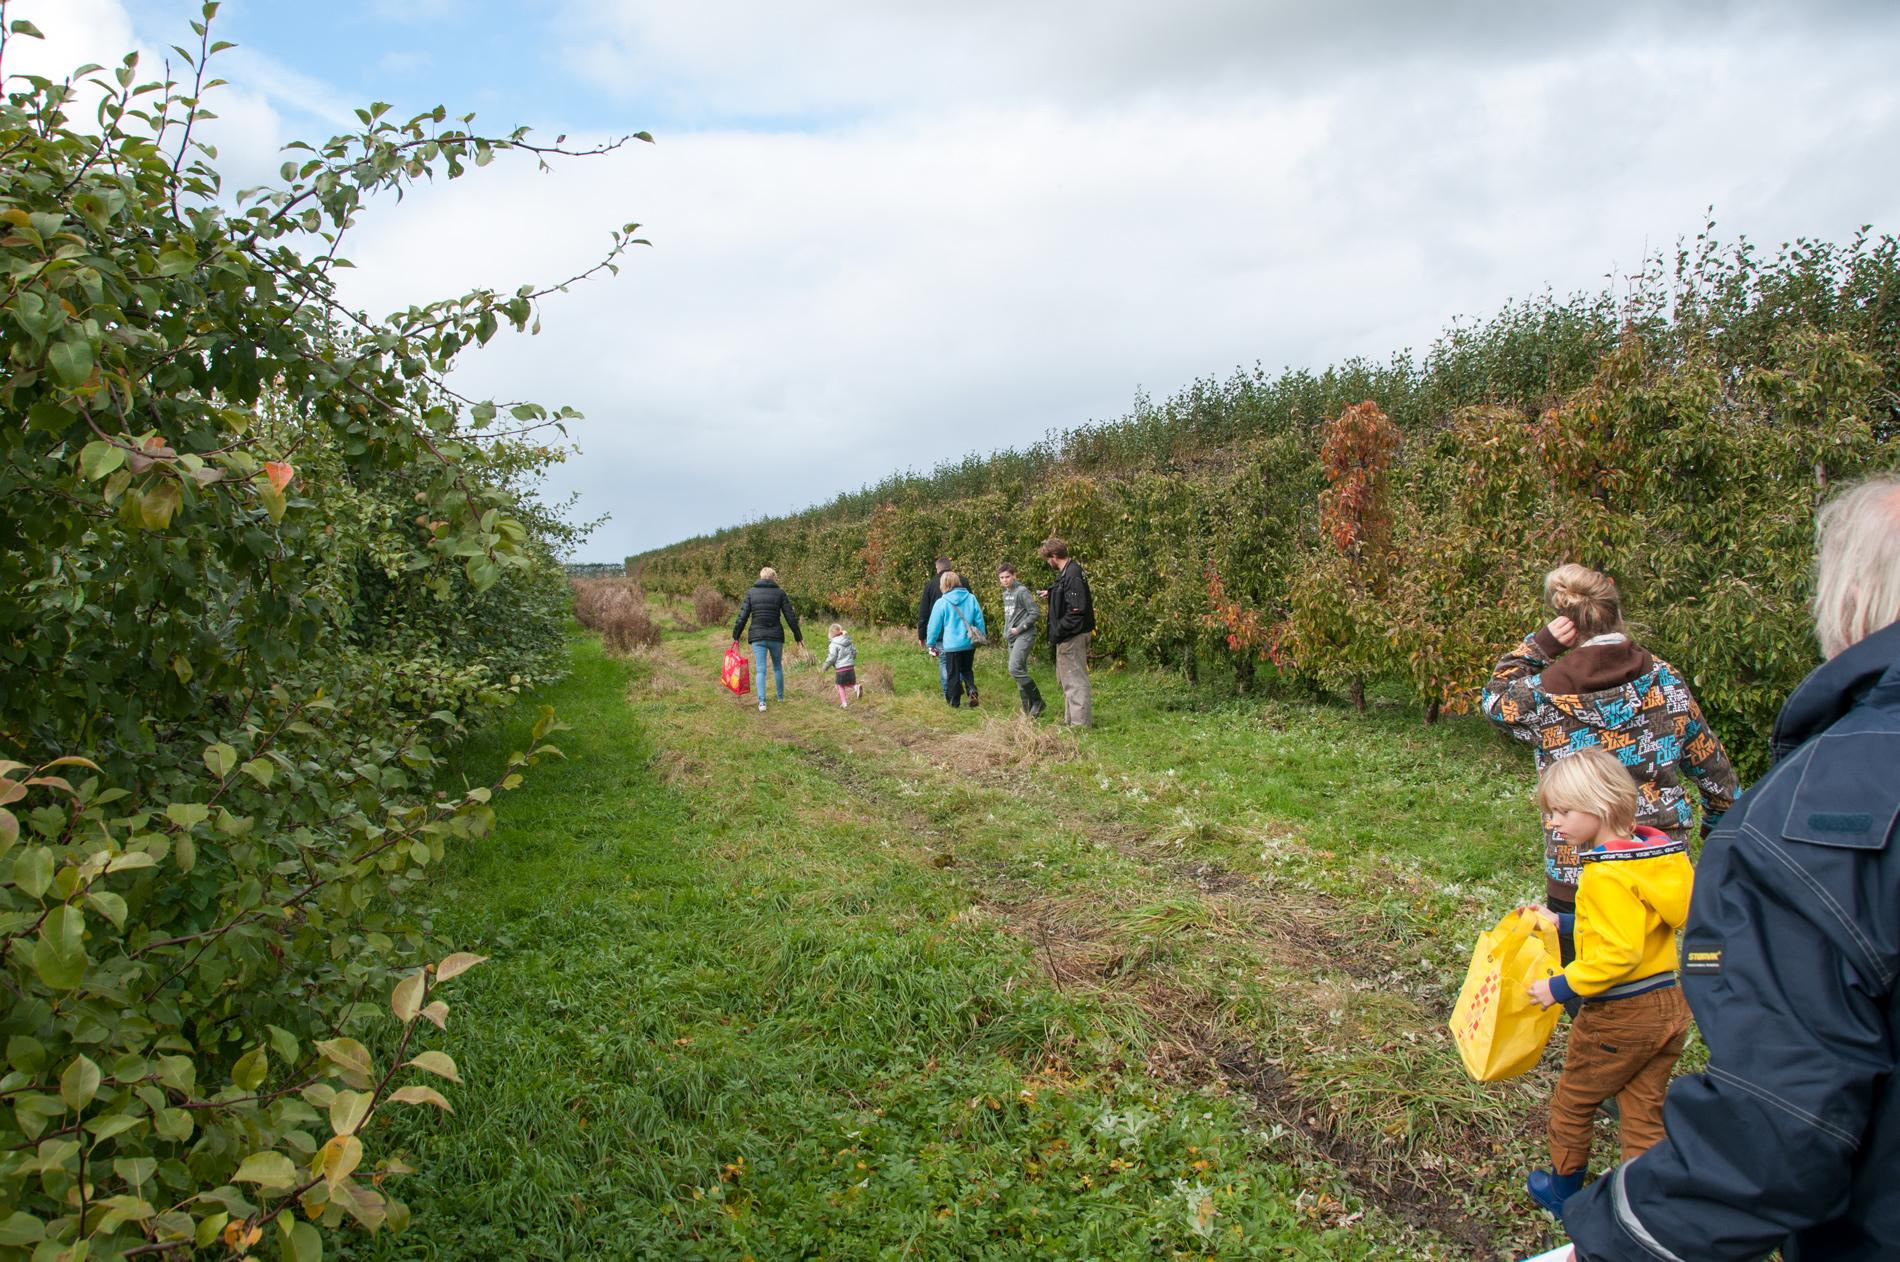 peren-plukken-bij-de-boer-zelfplukdagen